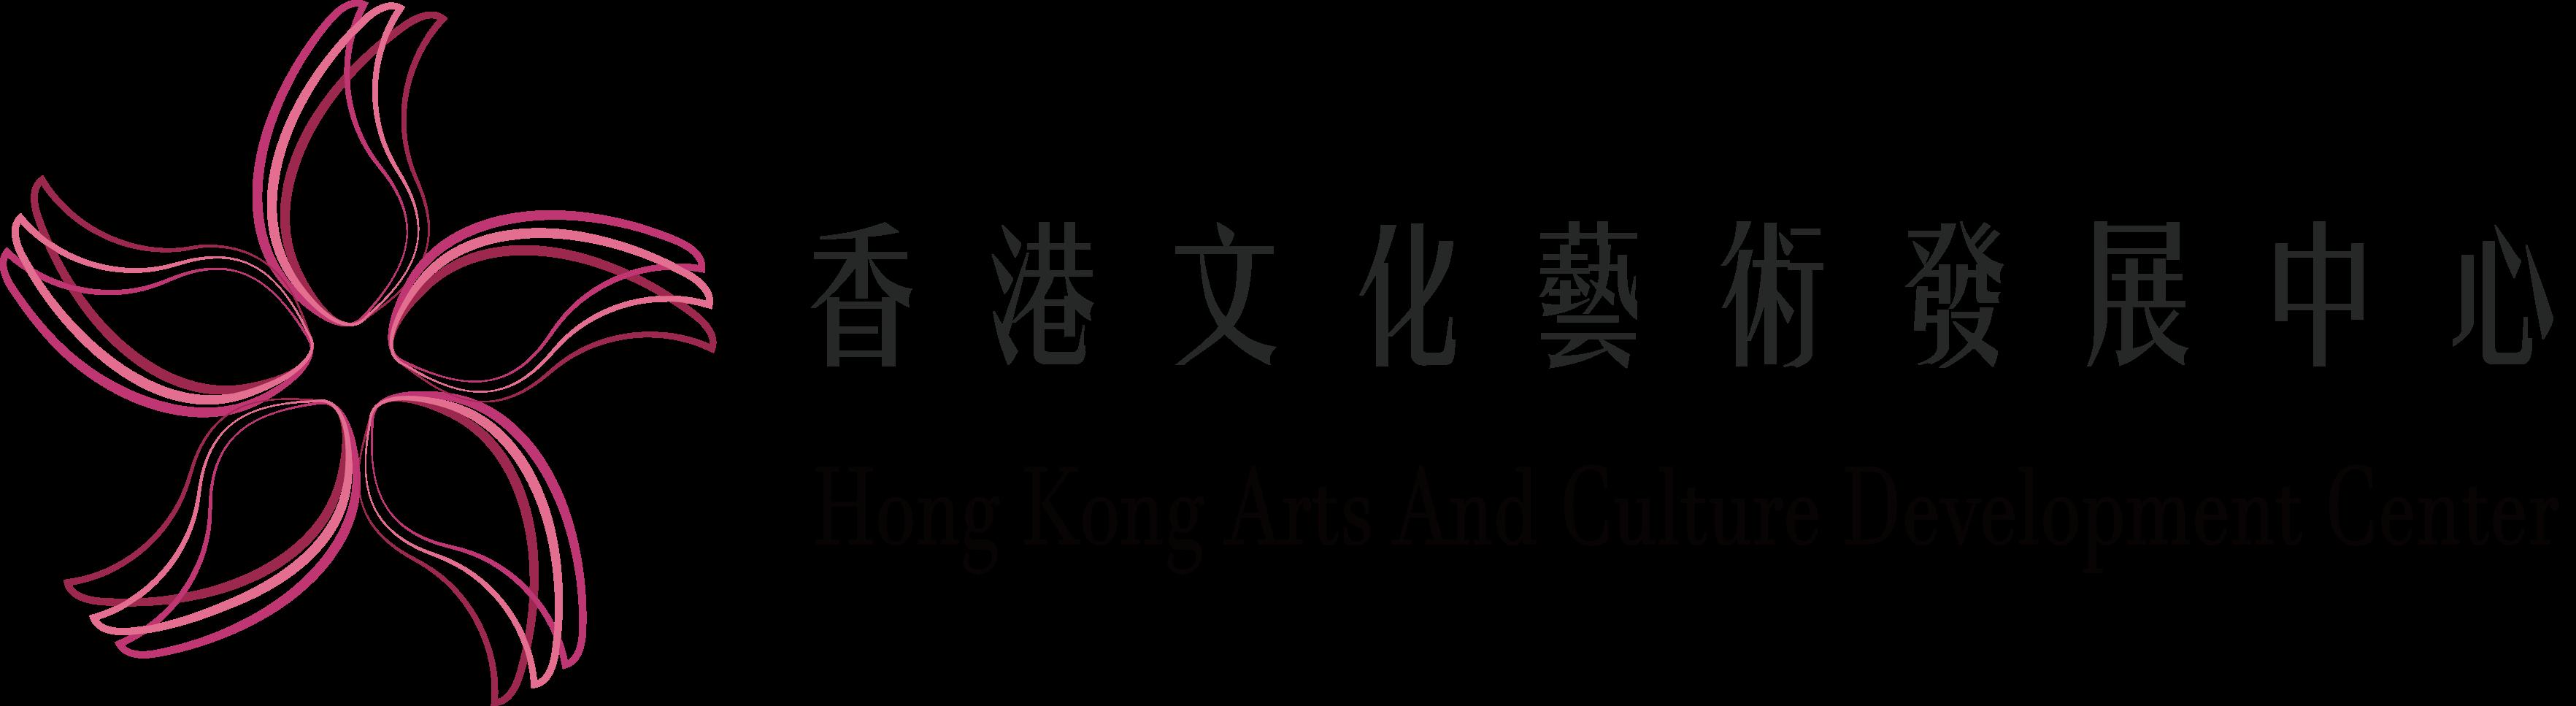 香港文化藝術發展中心